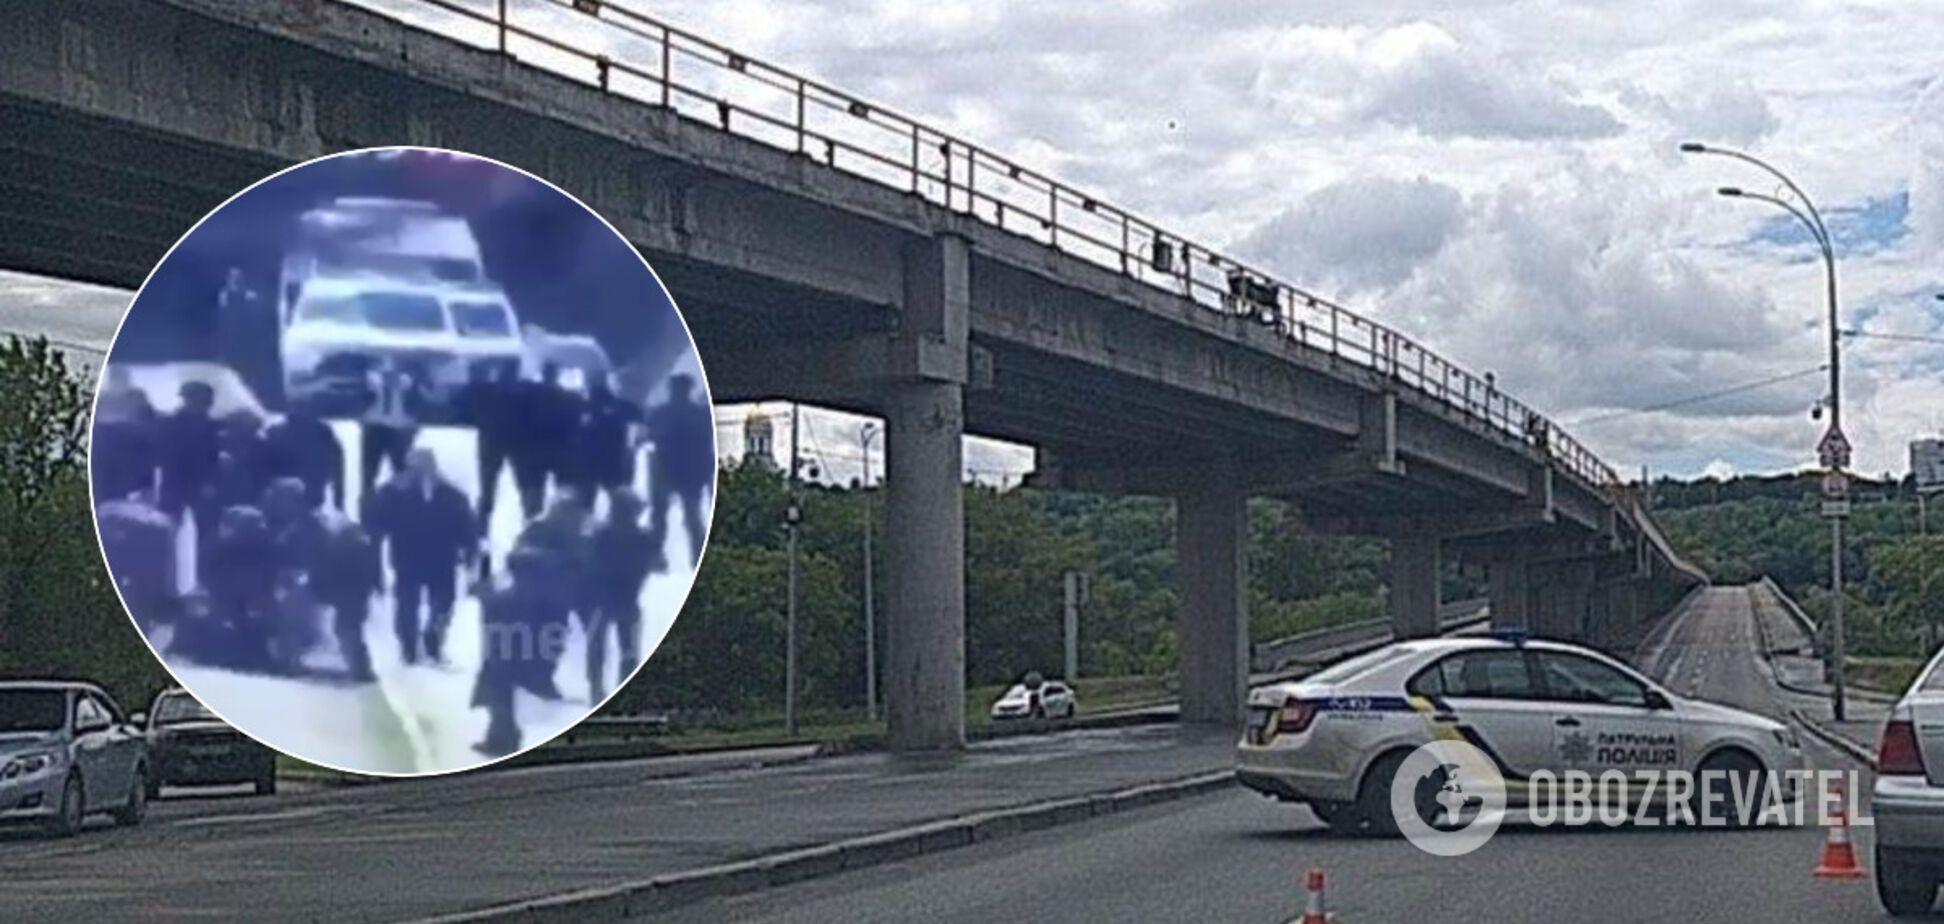 Момент затримання мінера моста Метро в Києві потрапив на відео